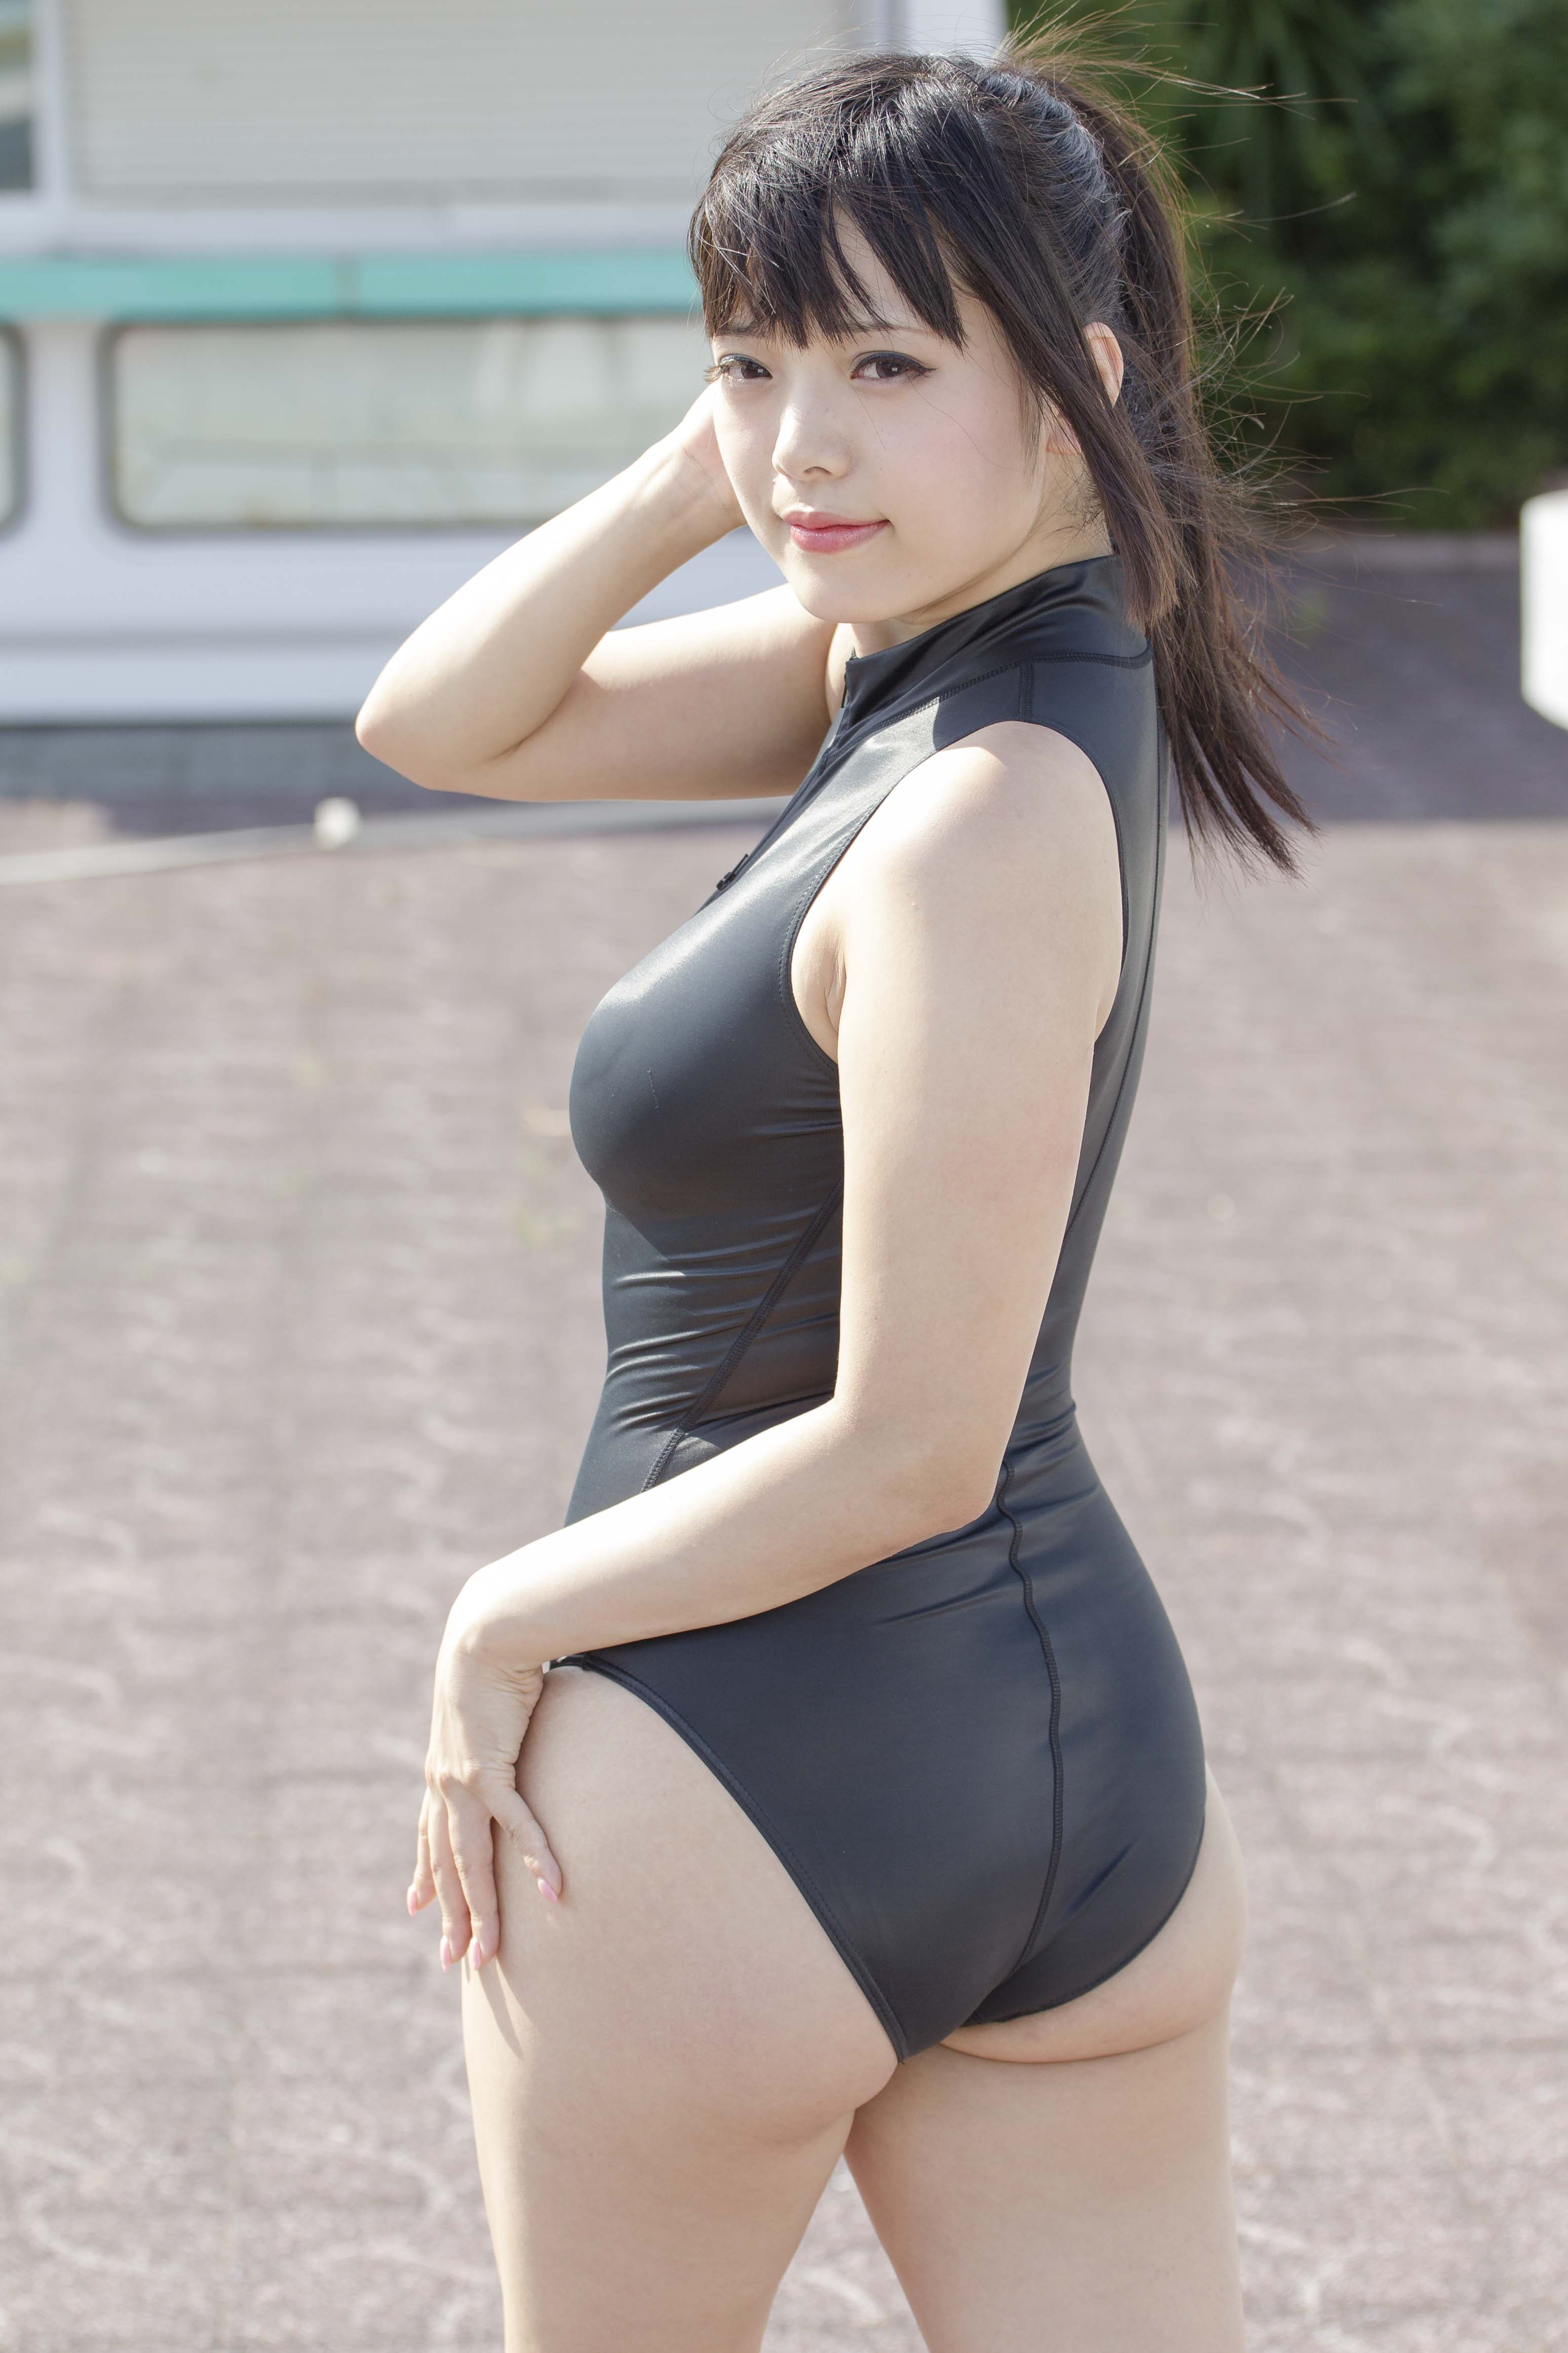 Dop☆water [無断転載禁止]©2ch.net YouTube動画>3本 ->画像>1791枚